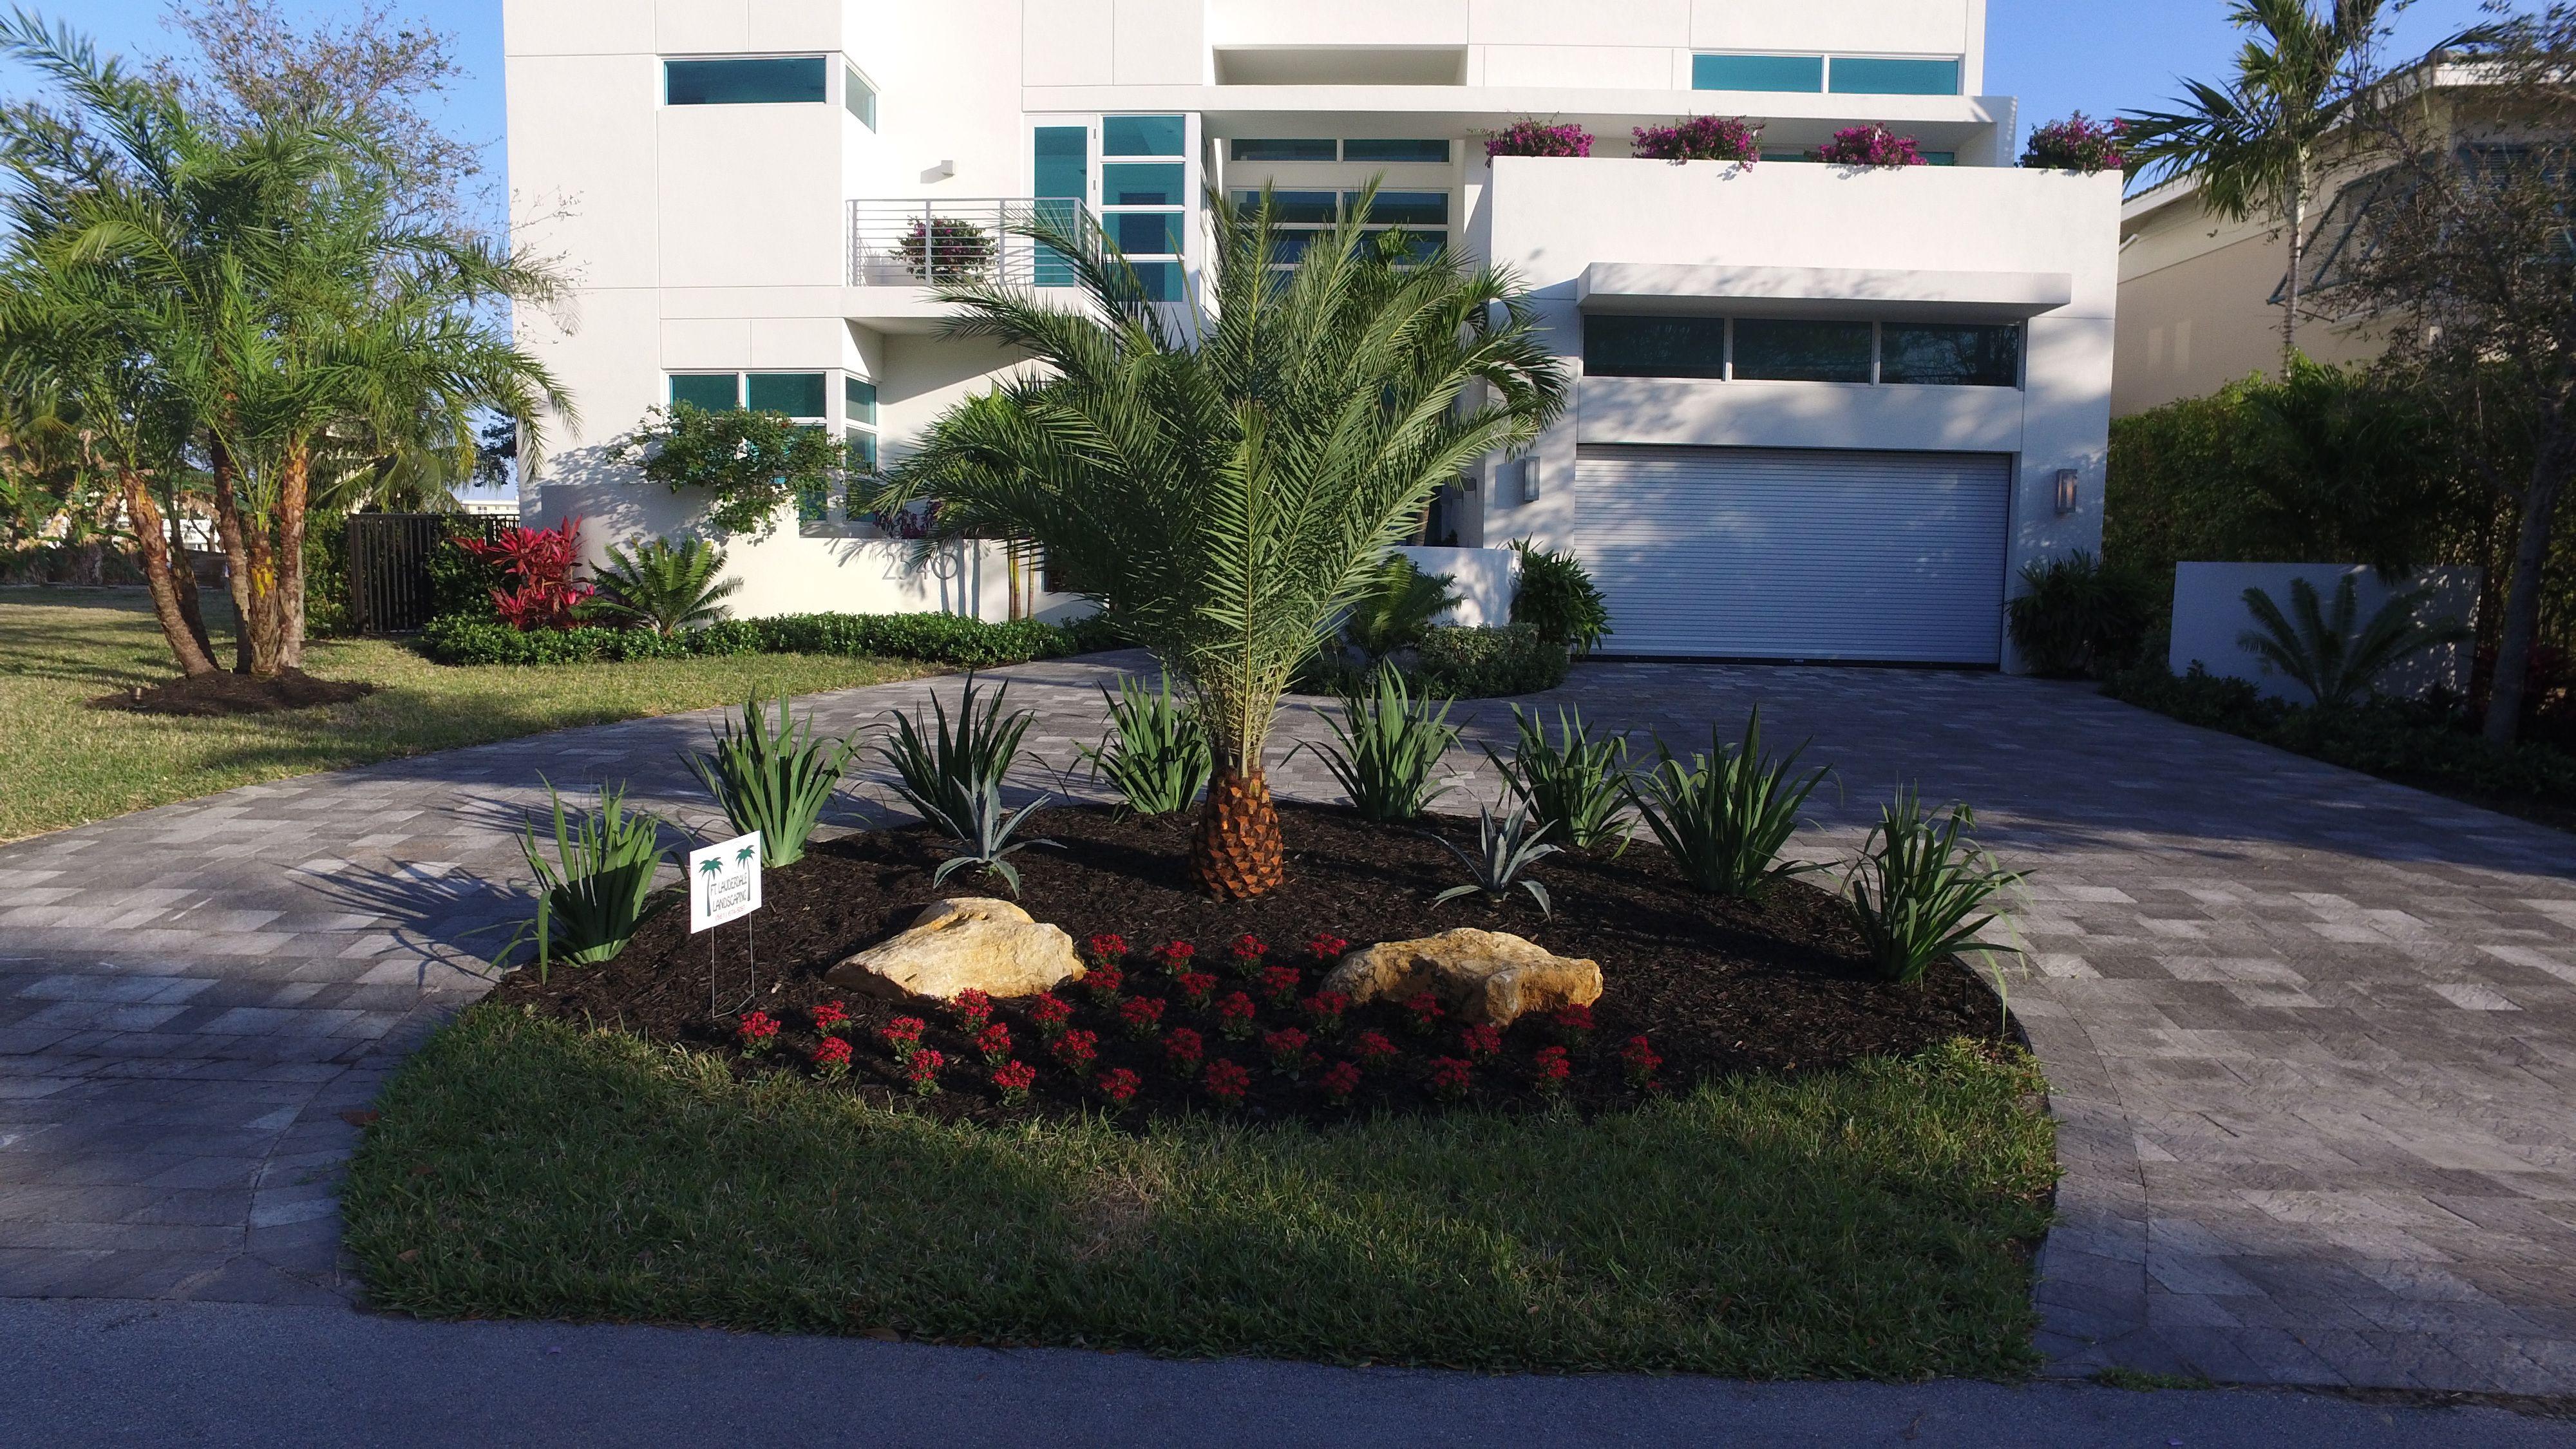 Fortlauderdalelandscape Com Jobs Landscape Landscaping Landscaper Specimentrees Landscapemyhouse Cleanups Cl House Landscape Specimen Trees Outdoor Pool